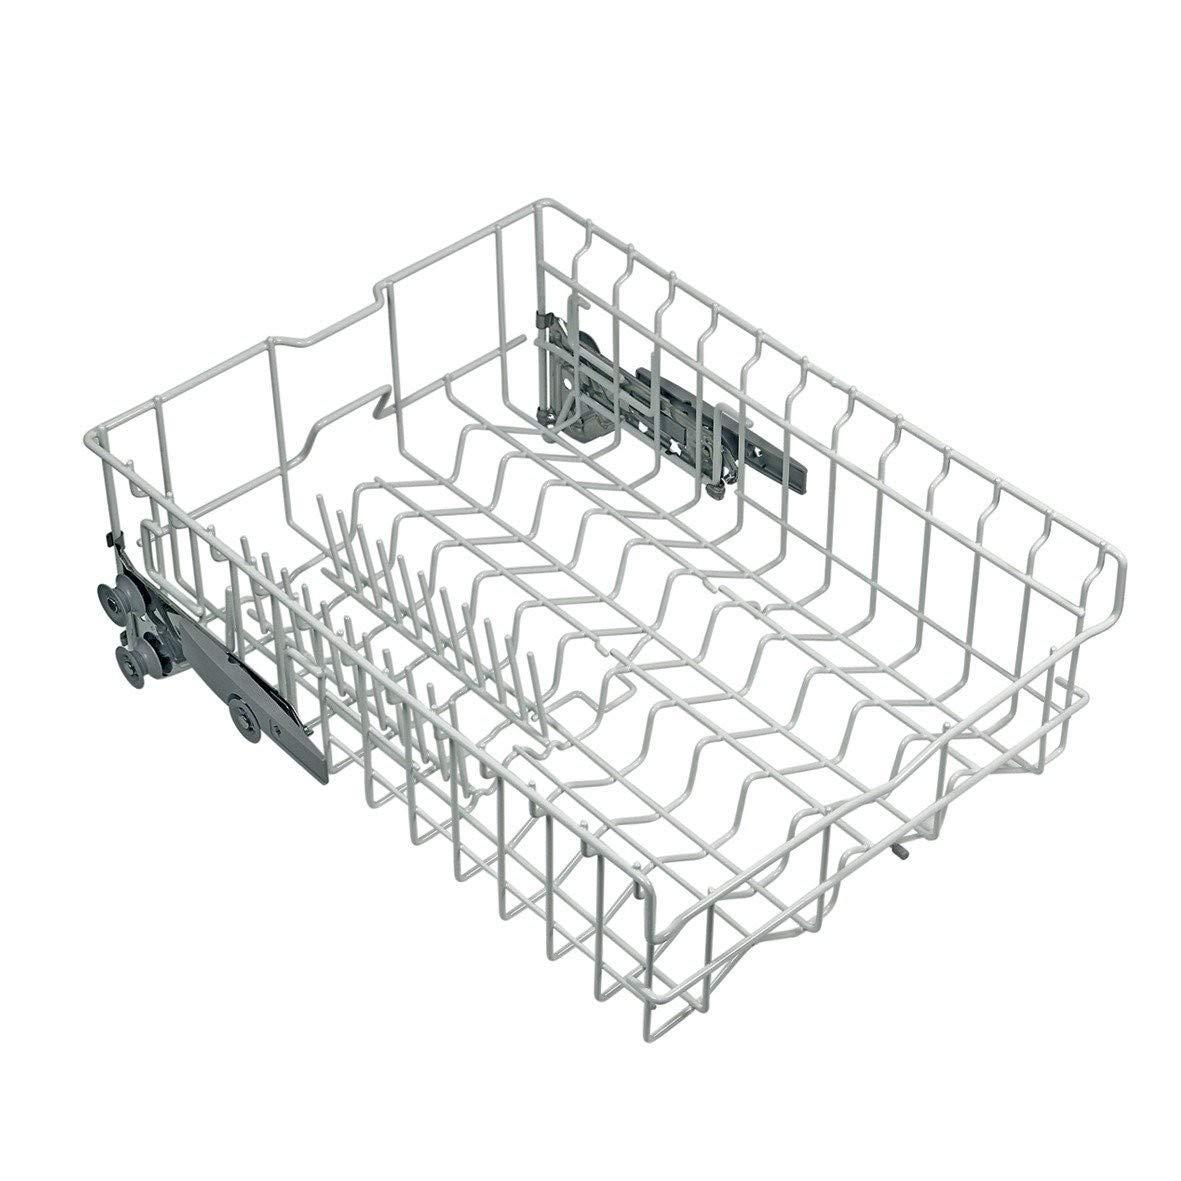 Geschirrspüler 208510 Bosch Siemens Constructa Geschirrkorb unten Spülmaschine